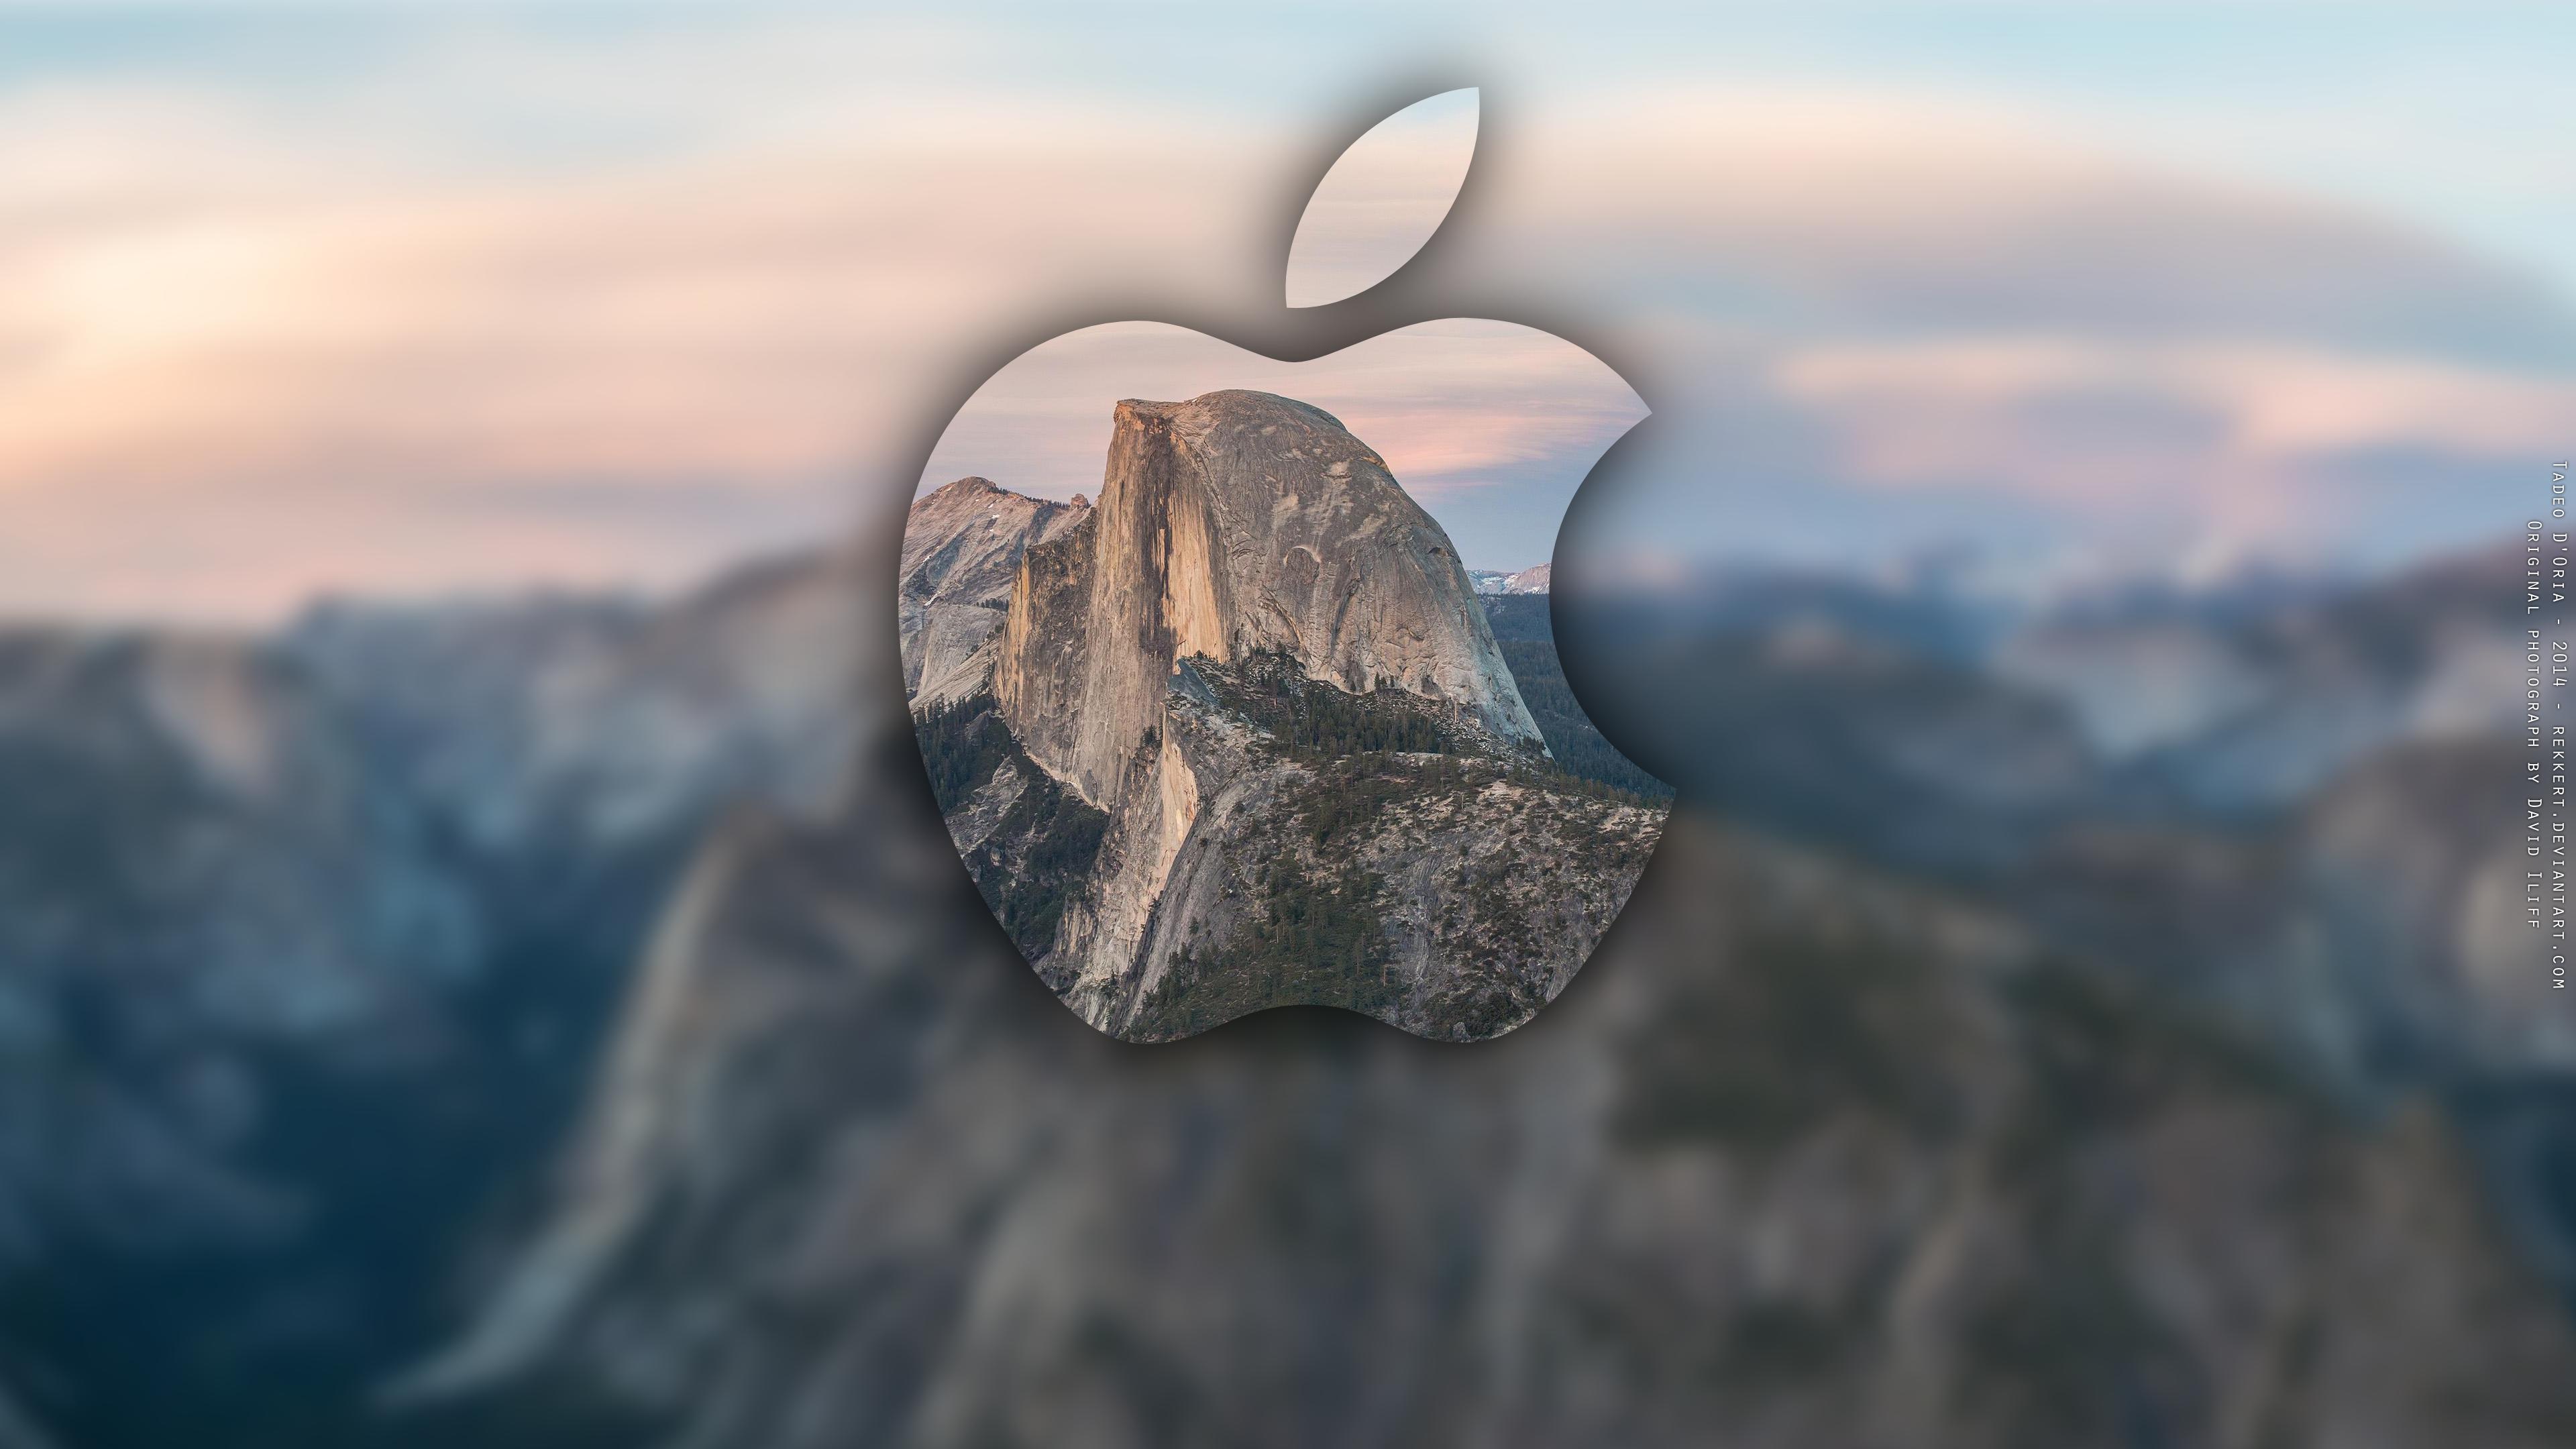 Yosemite wallpaper mac wallpapersafari - Mac wallpaper 4k ...